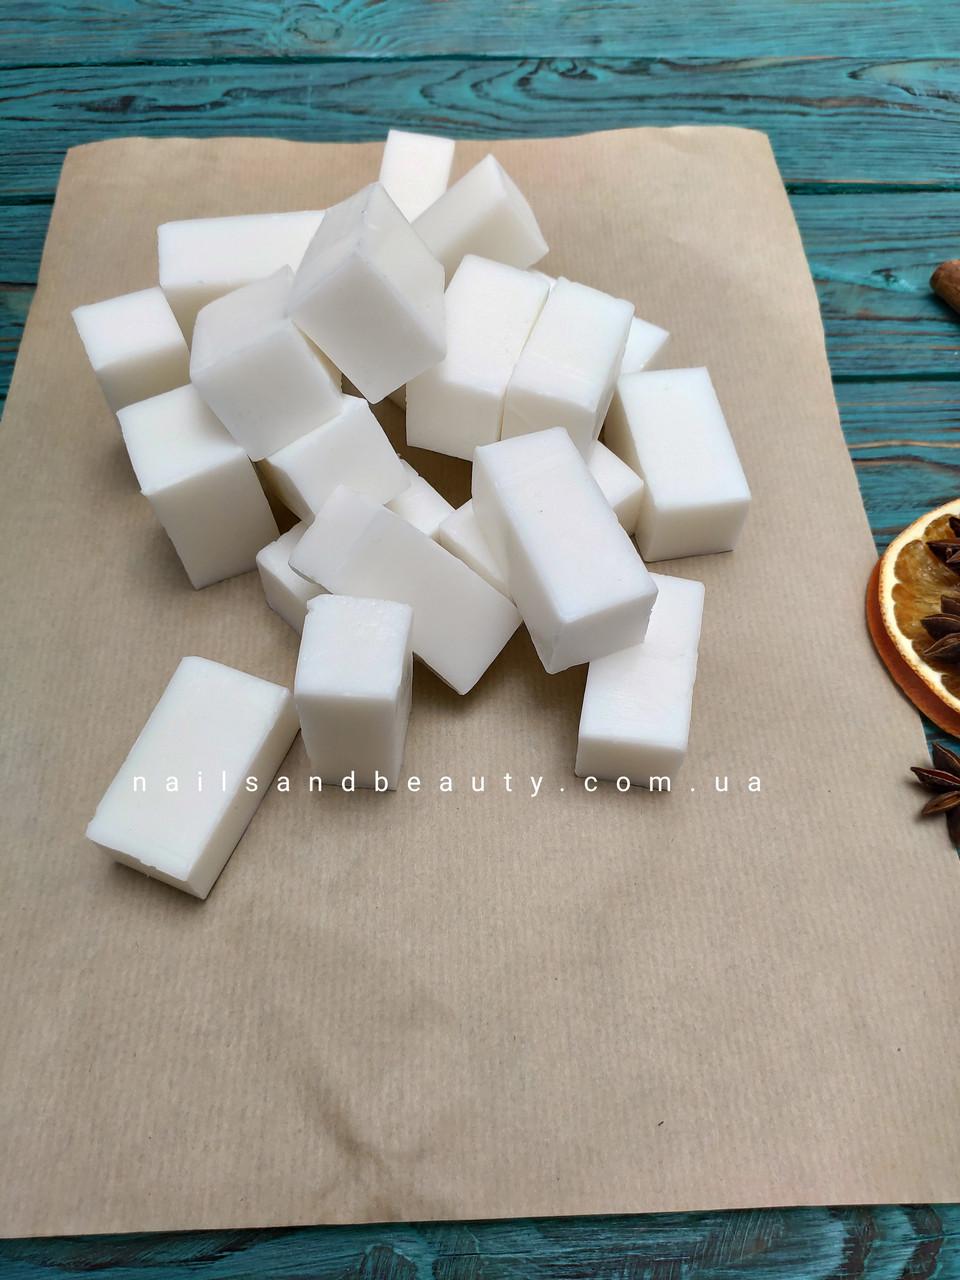 Мильна основа Антиконденсат Neri White Base біла 0.5 кг, 1кг, 6кг, 12кг